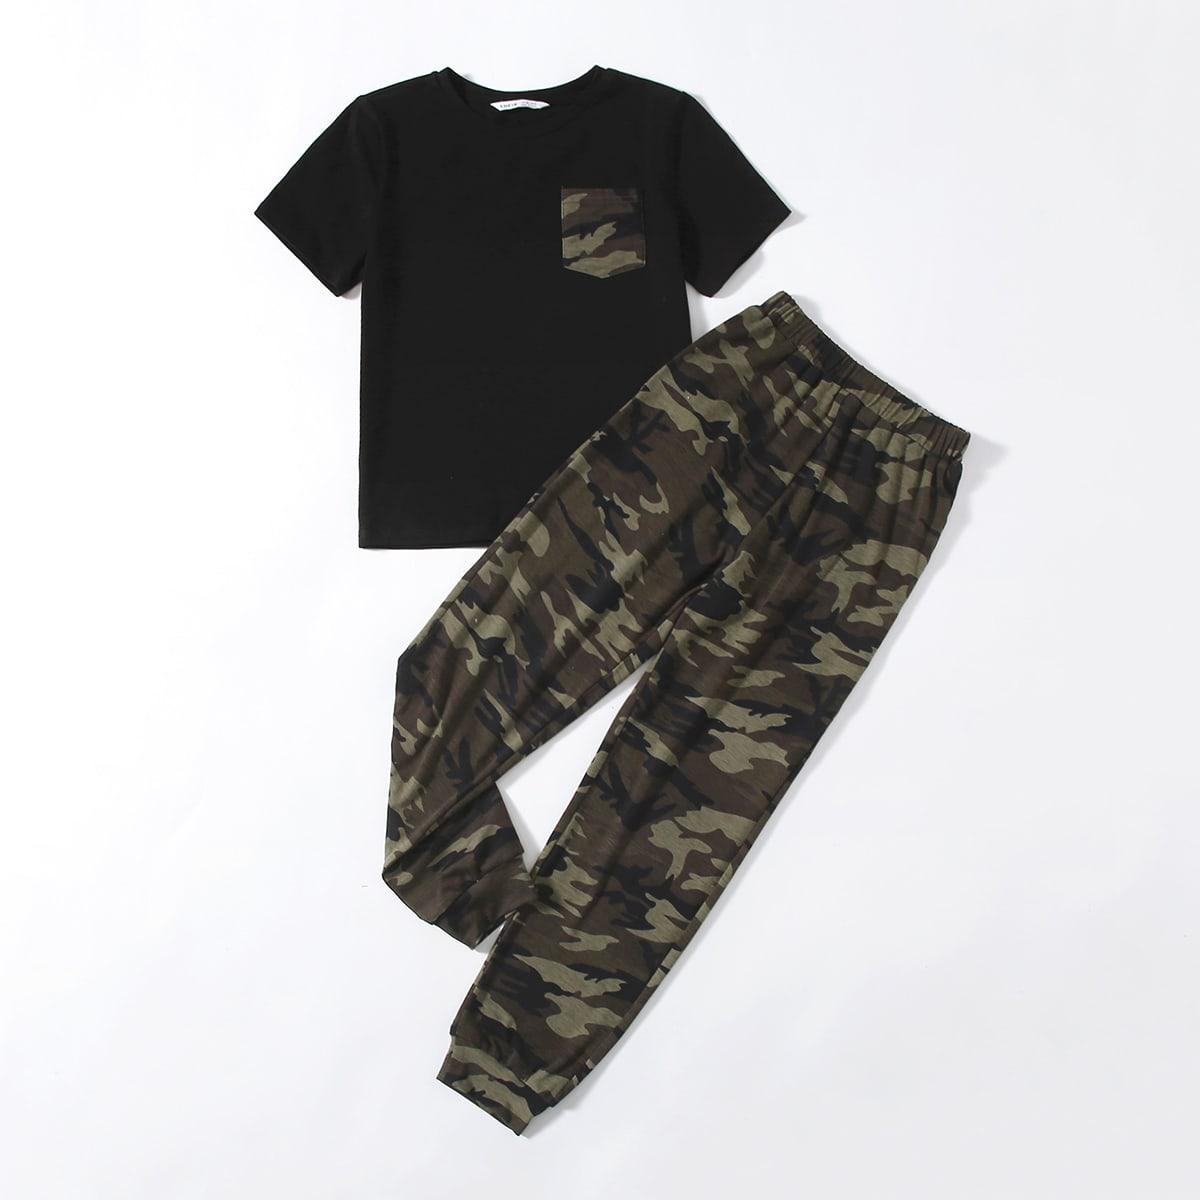 с карманами Камуфляж Повседневный Домашняя одежда для мальчиков